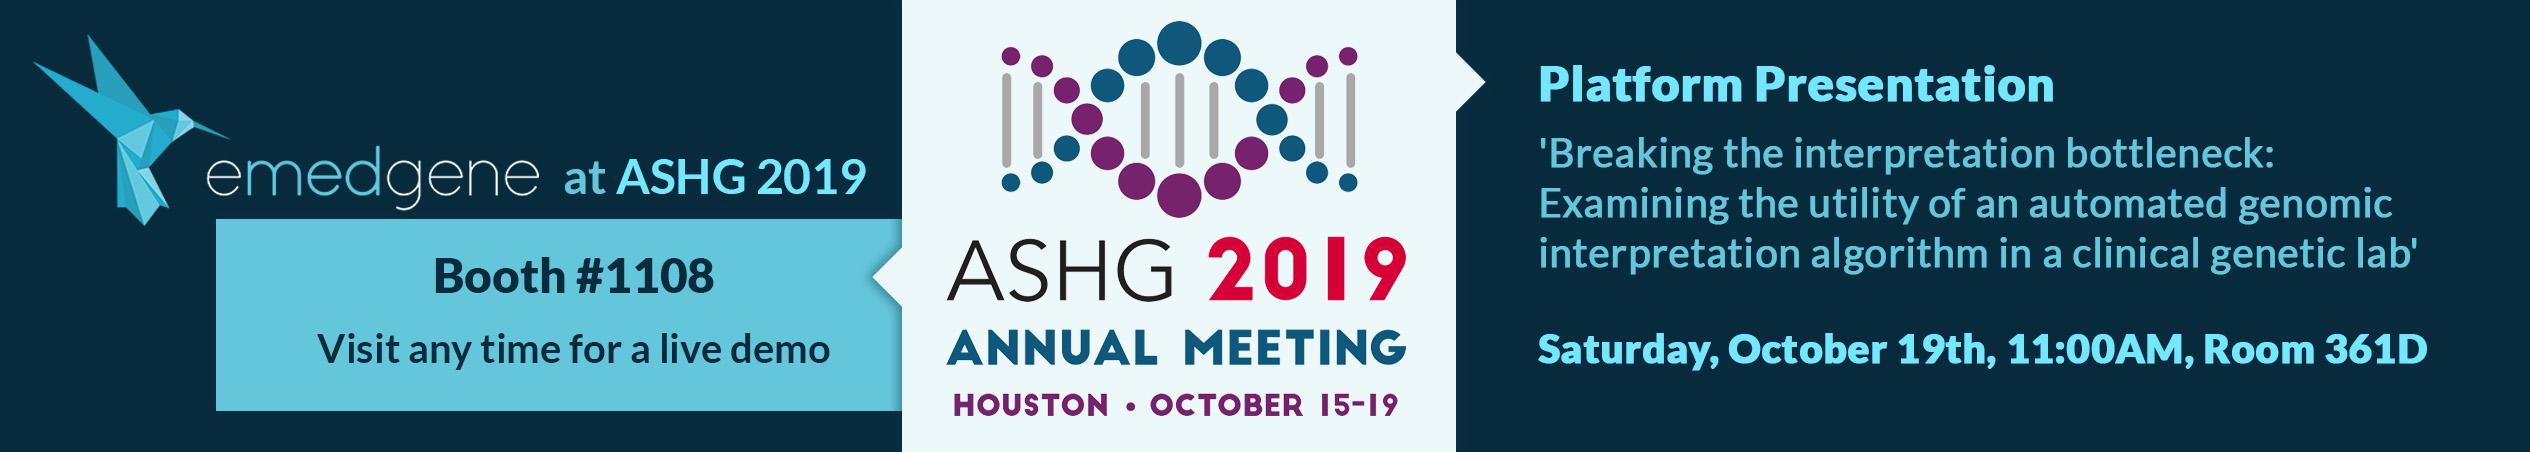 Meet us at ASHG